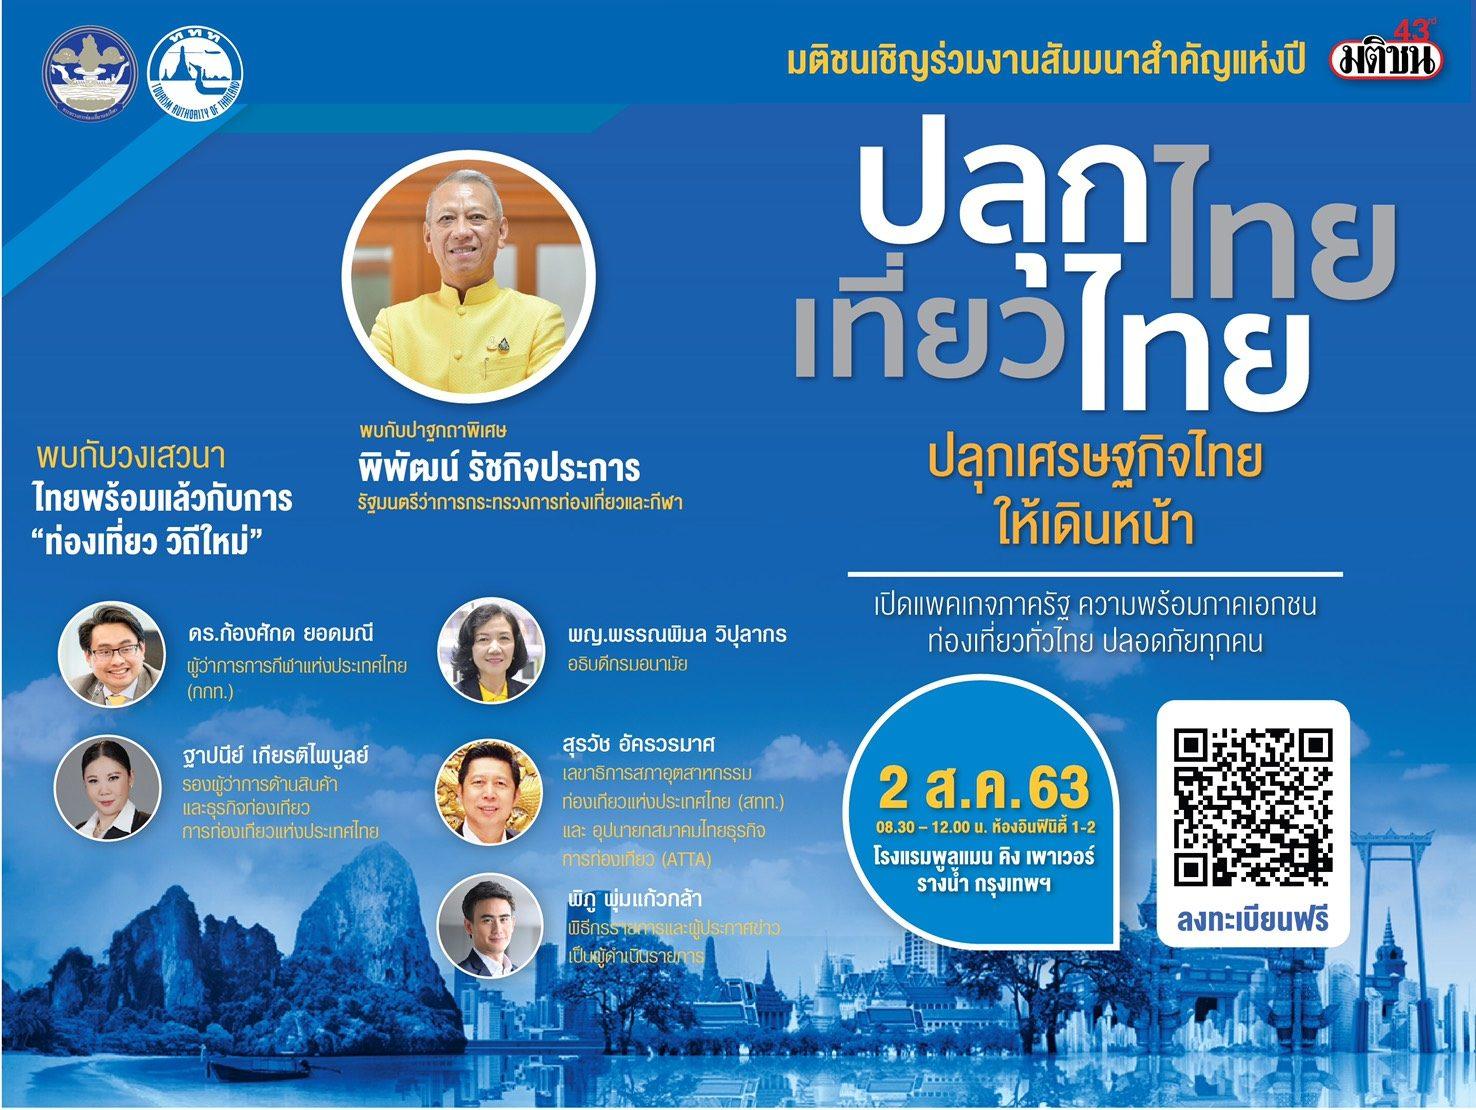 """2 ส.ค. มติชนจัดสัมมนา'ปลุกไทยเที่ยวไทย' -'พิพัฒน์'เปิด""""ภูเก็ตเด็ดทั้งเกาะ"""""""